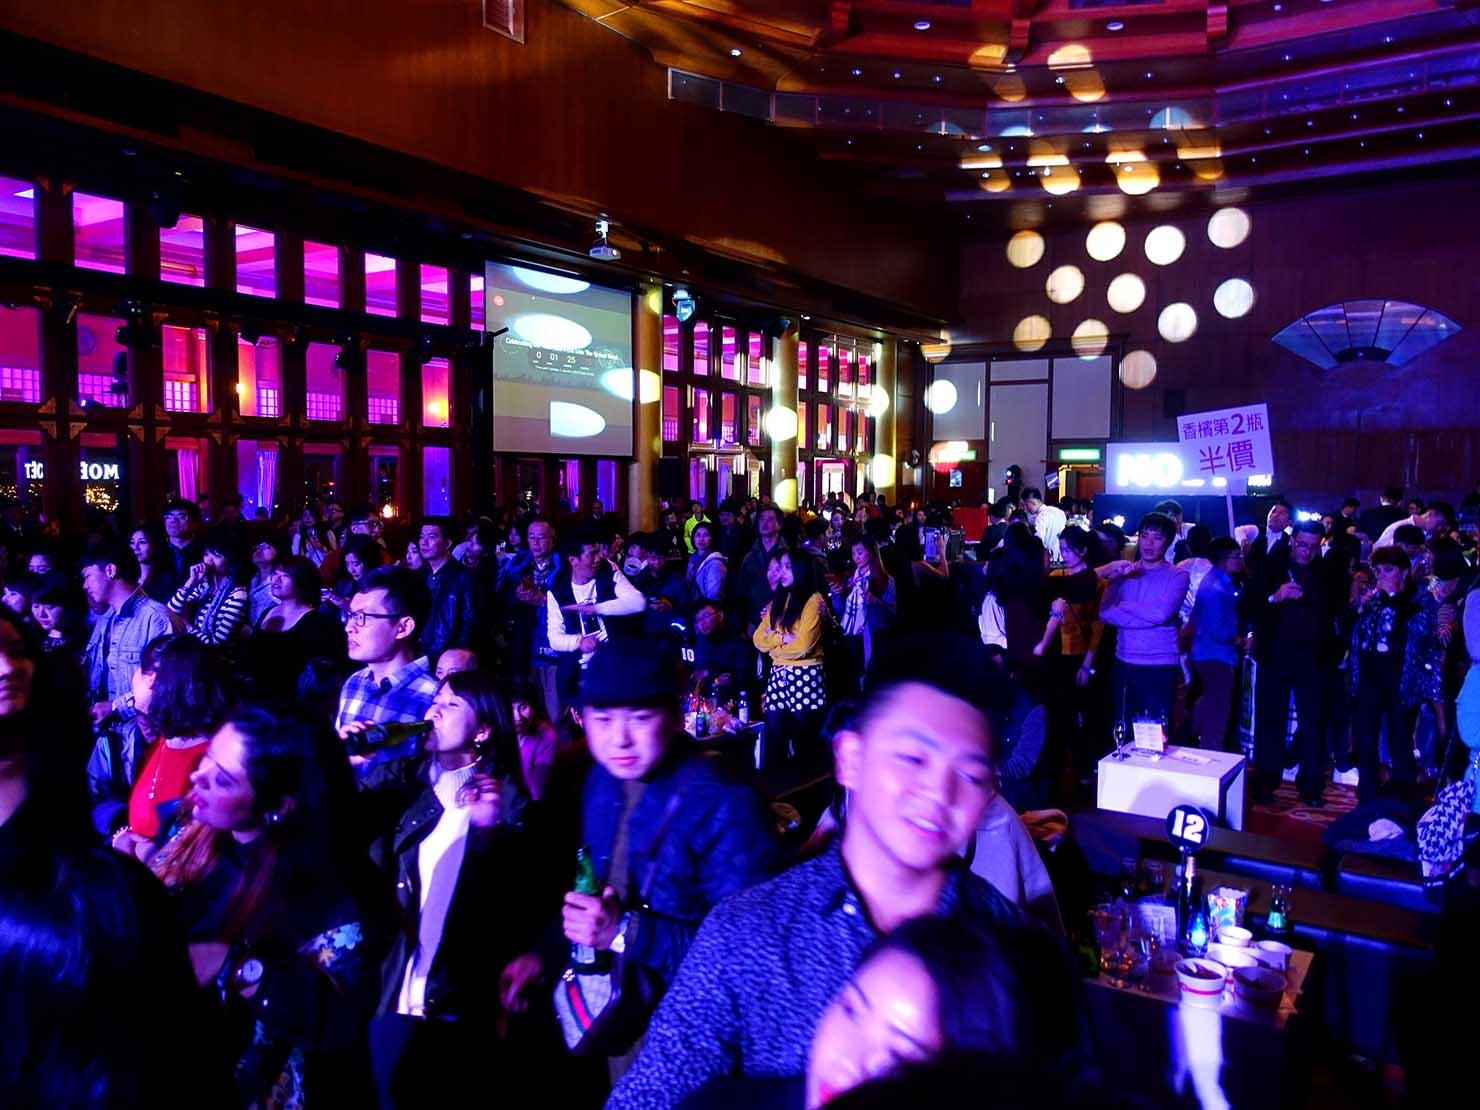 台北・圓山大飯店のカウントダウンパーティー「Bling Bling跨年派對」ステージ前で盛り上がる人々